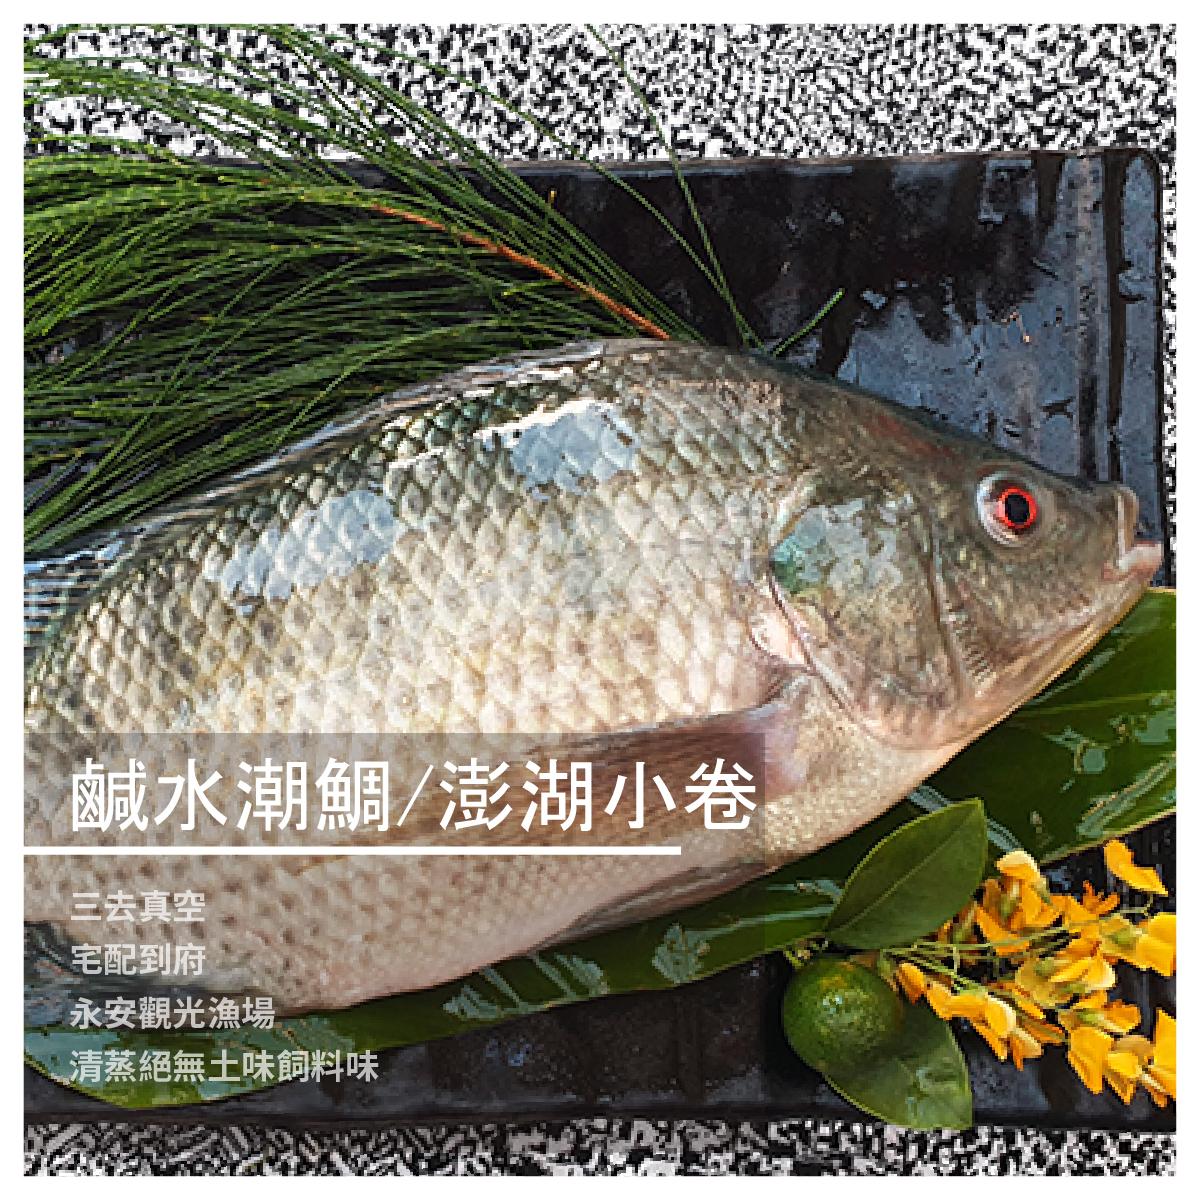 【永安觀光漁場】鹹水潮鯛/澎湖小卷/三去真空宅配到府